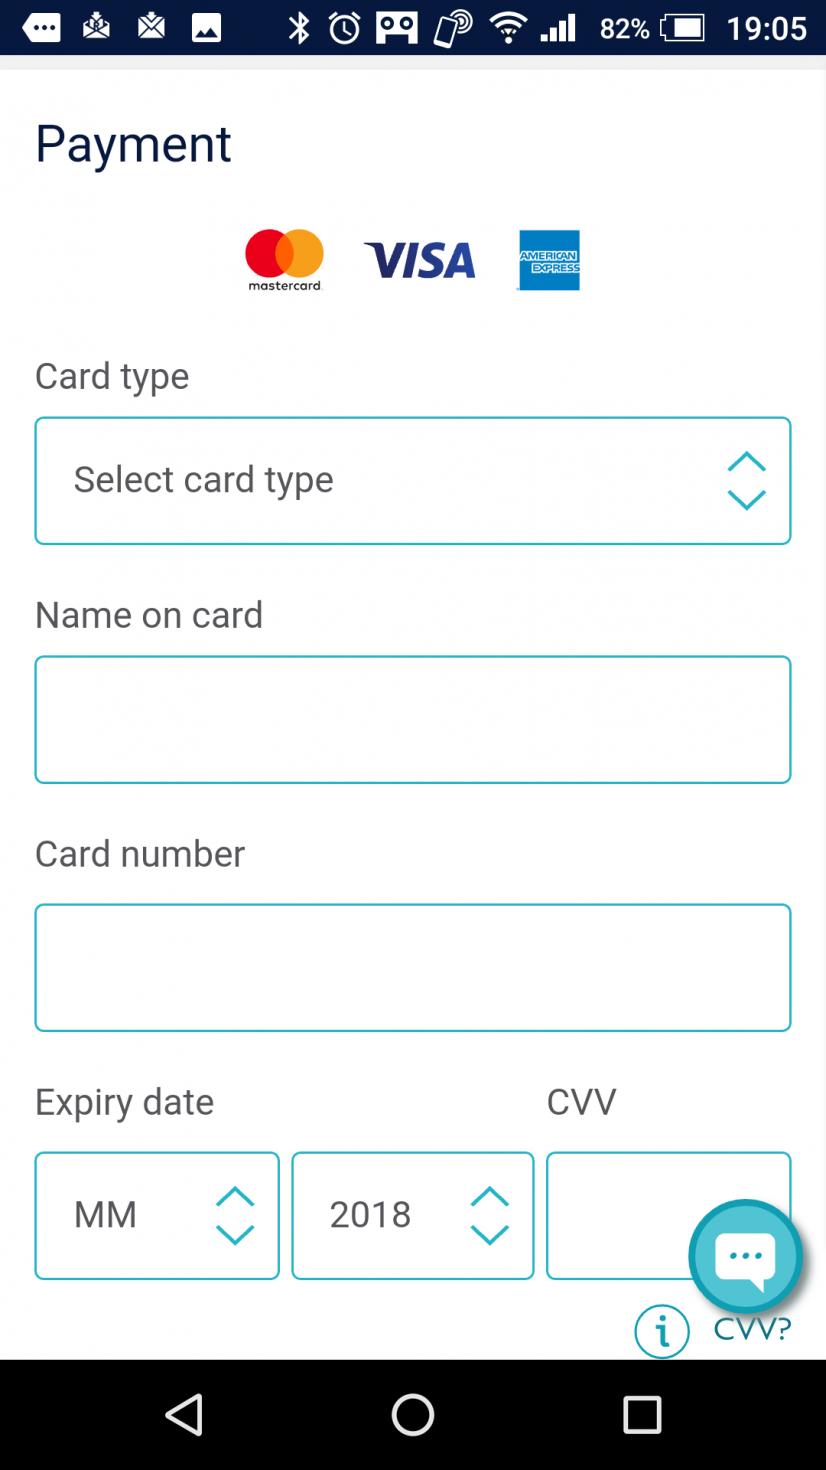 支払い方法。クレジットカードはVISA Master Amexから選べます。